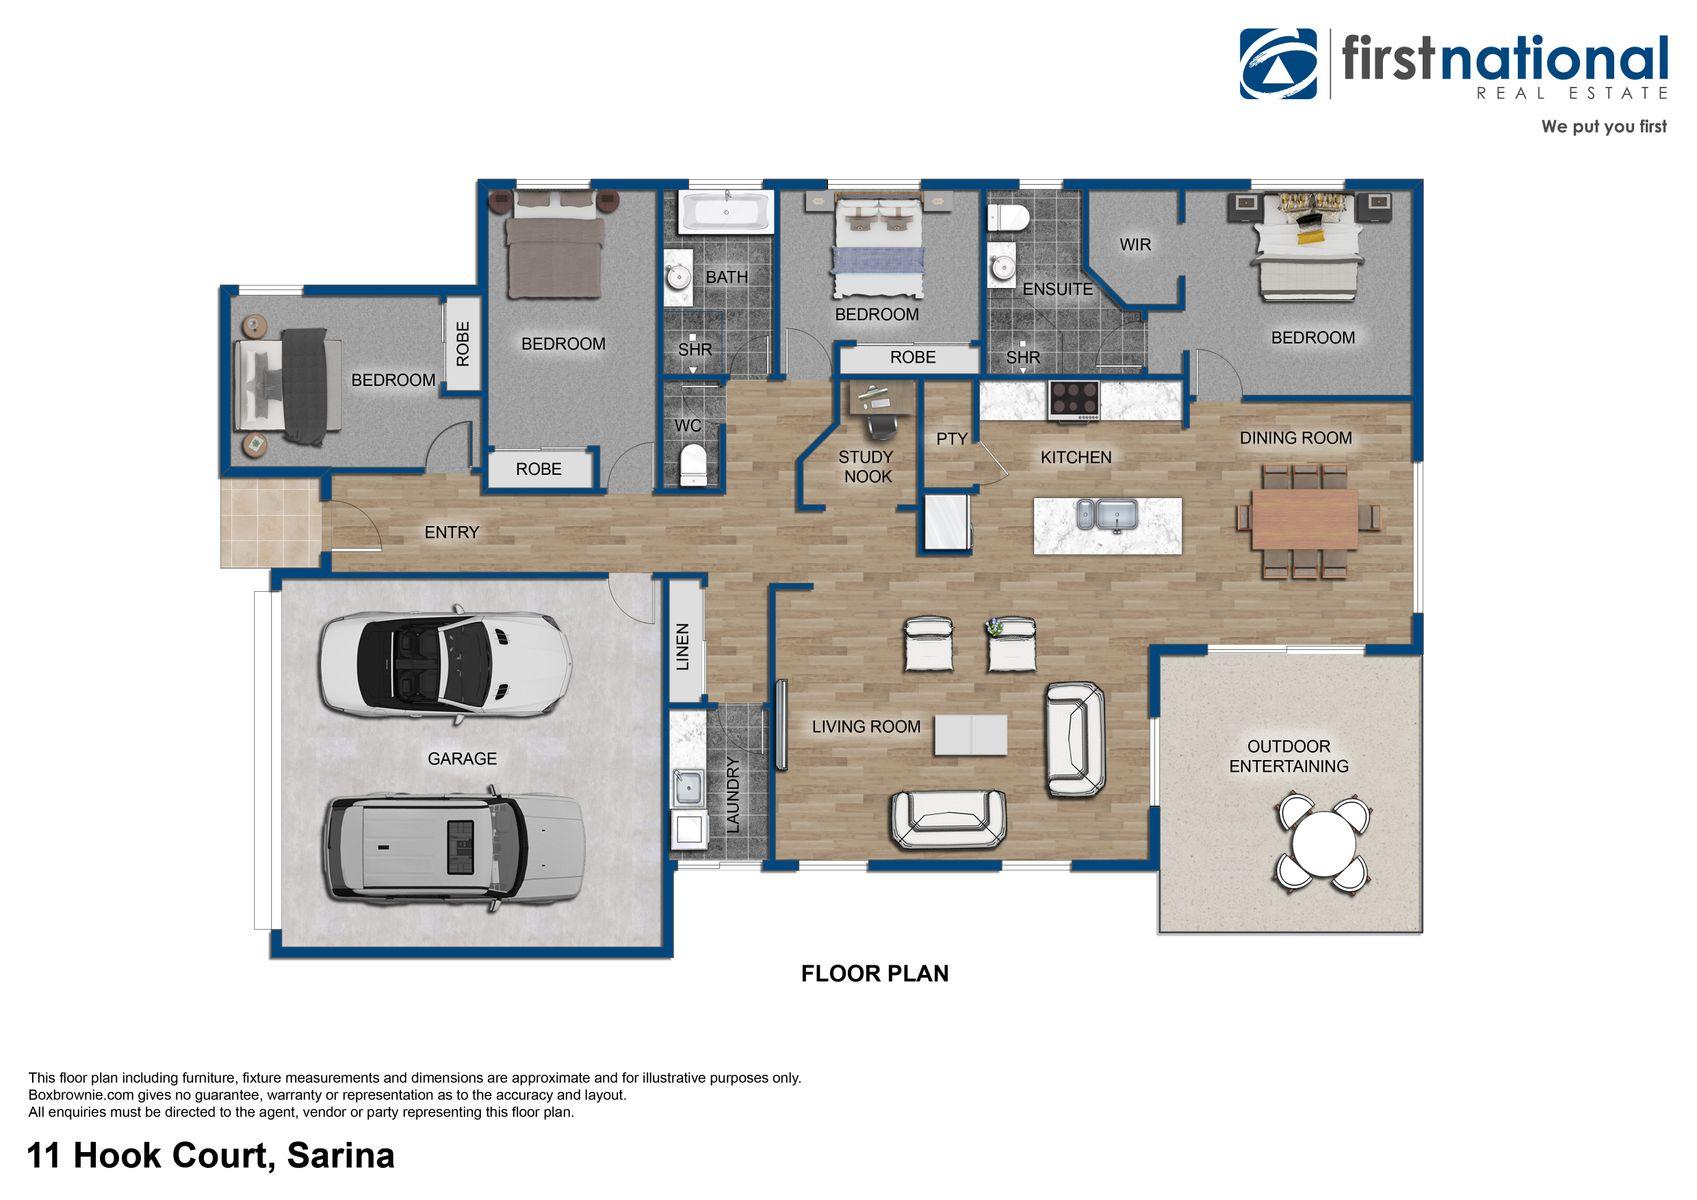 11 Hook Court, Sarina, QLD 4737